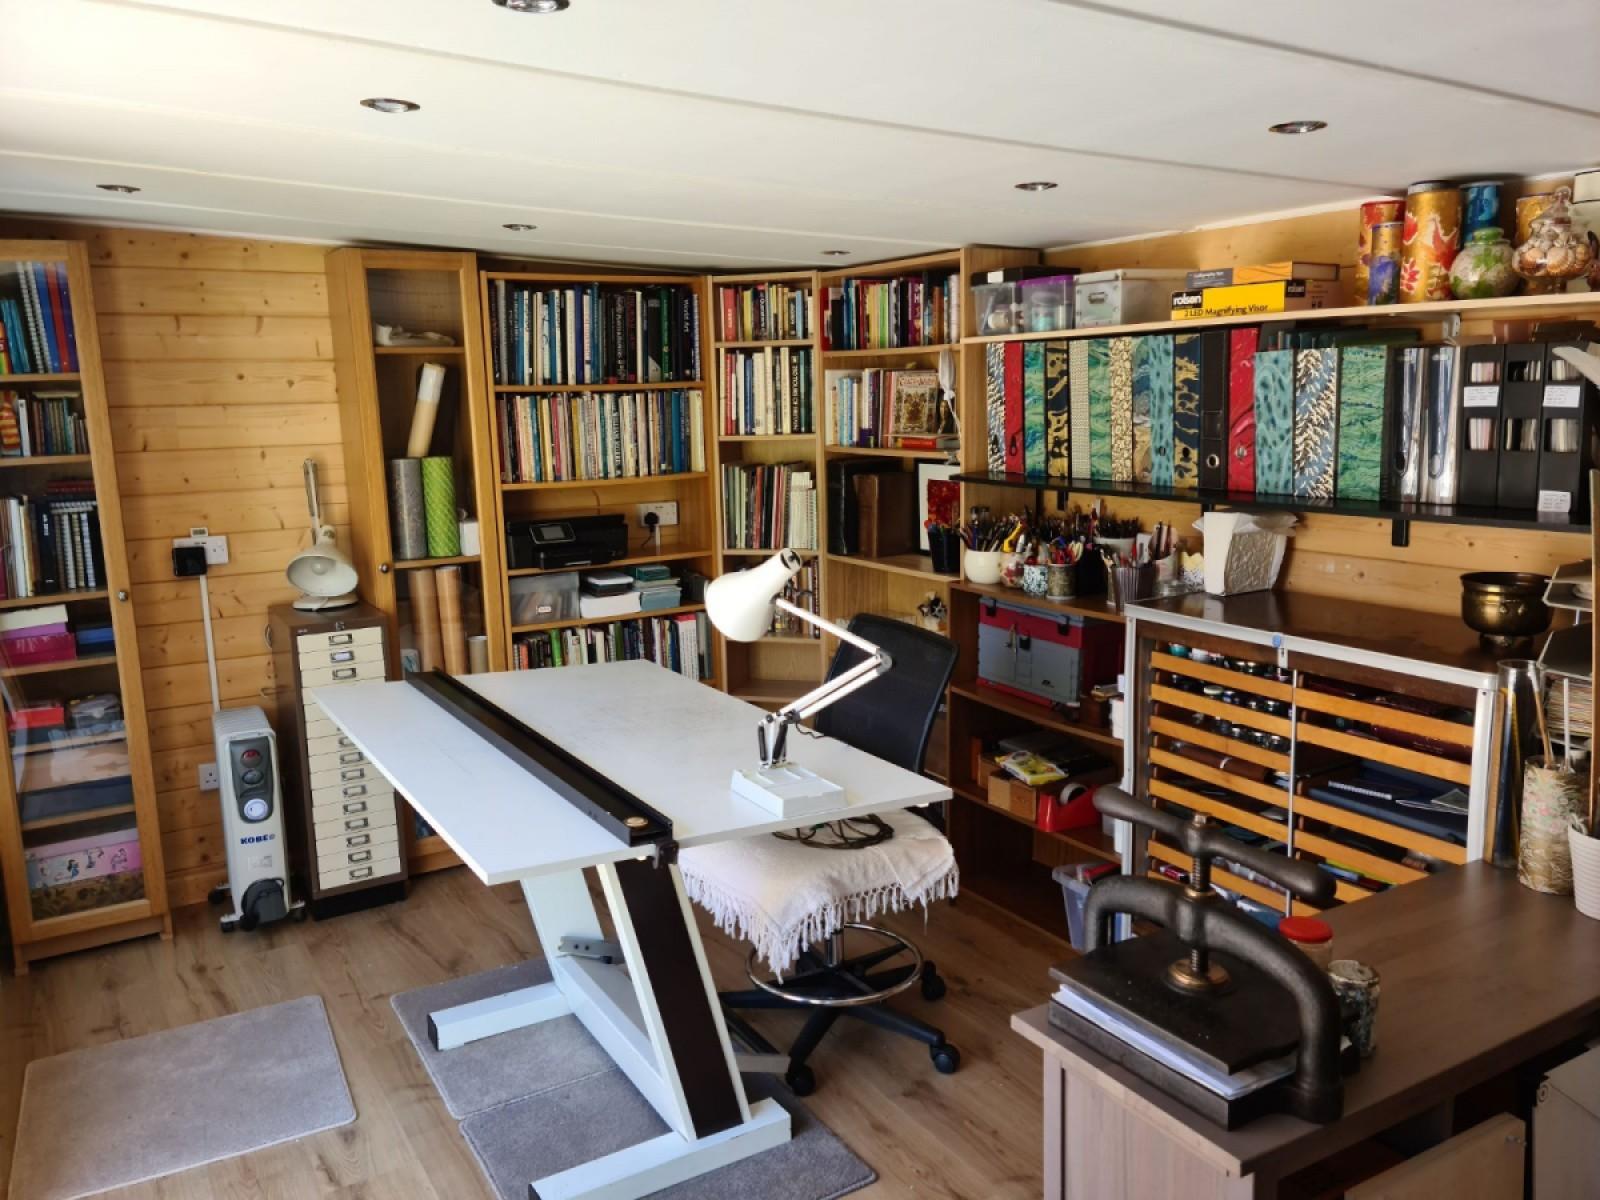 1624629887_Lillevilla 345 Cabin Internal.jpg